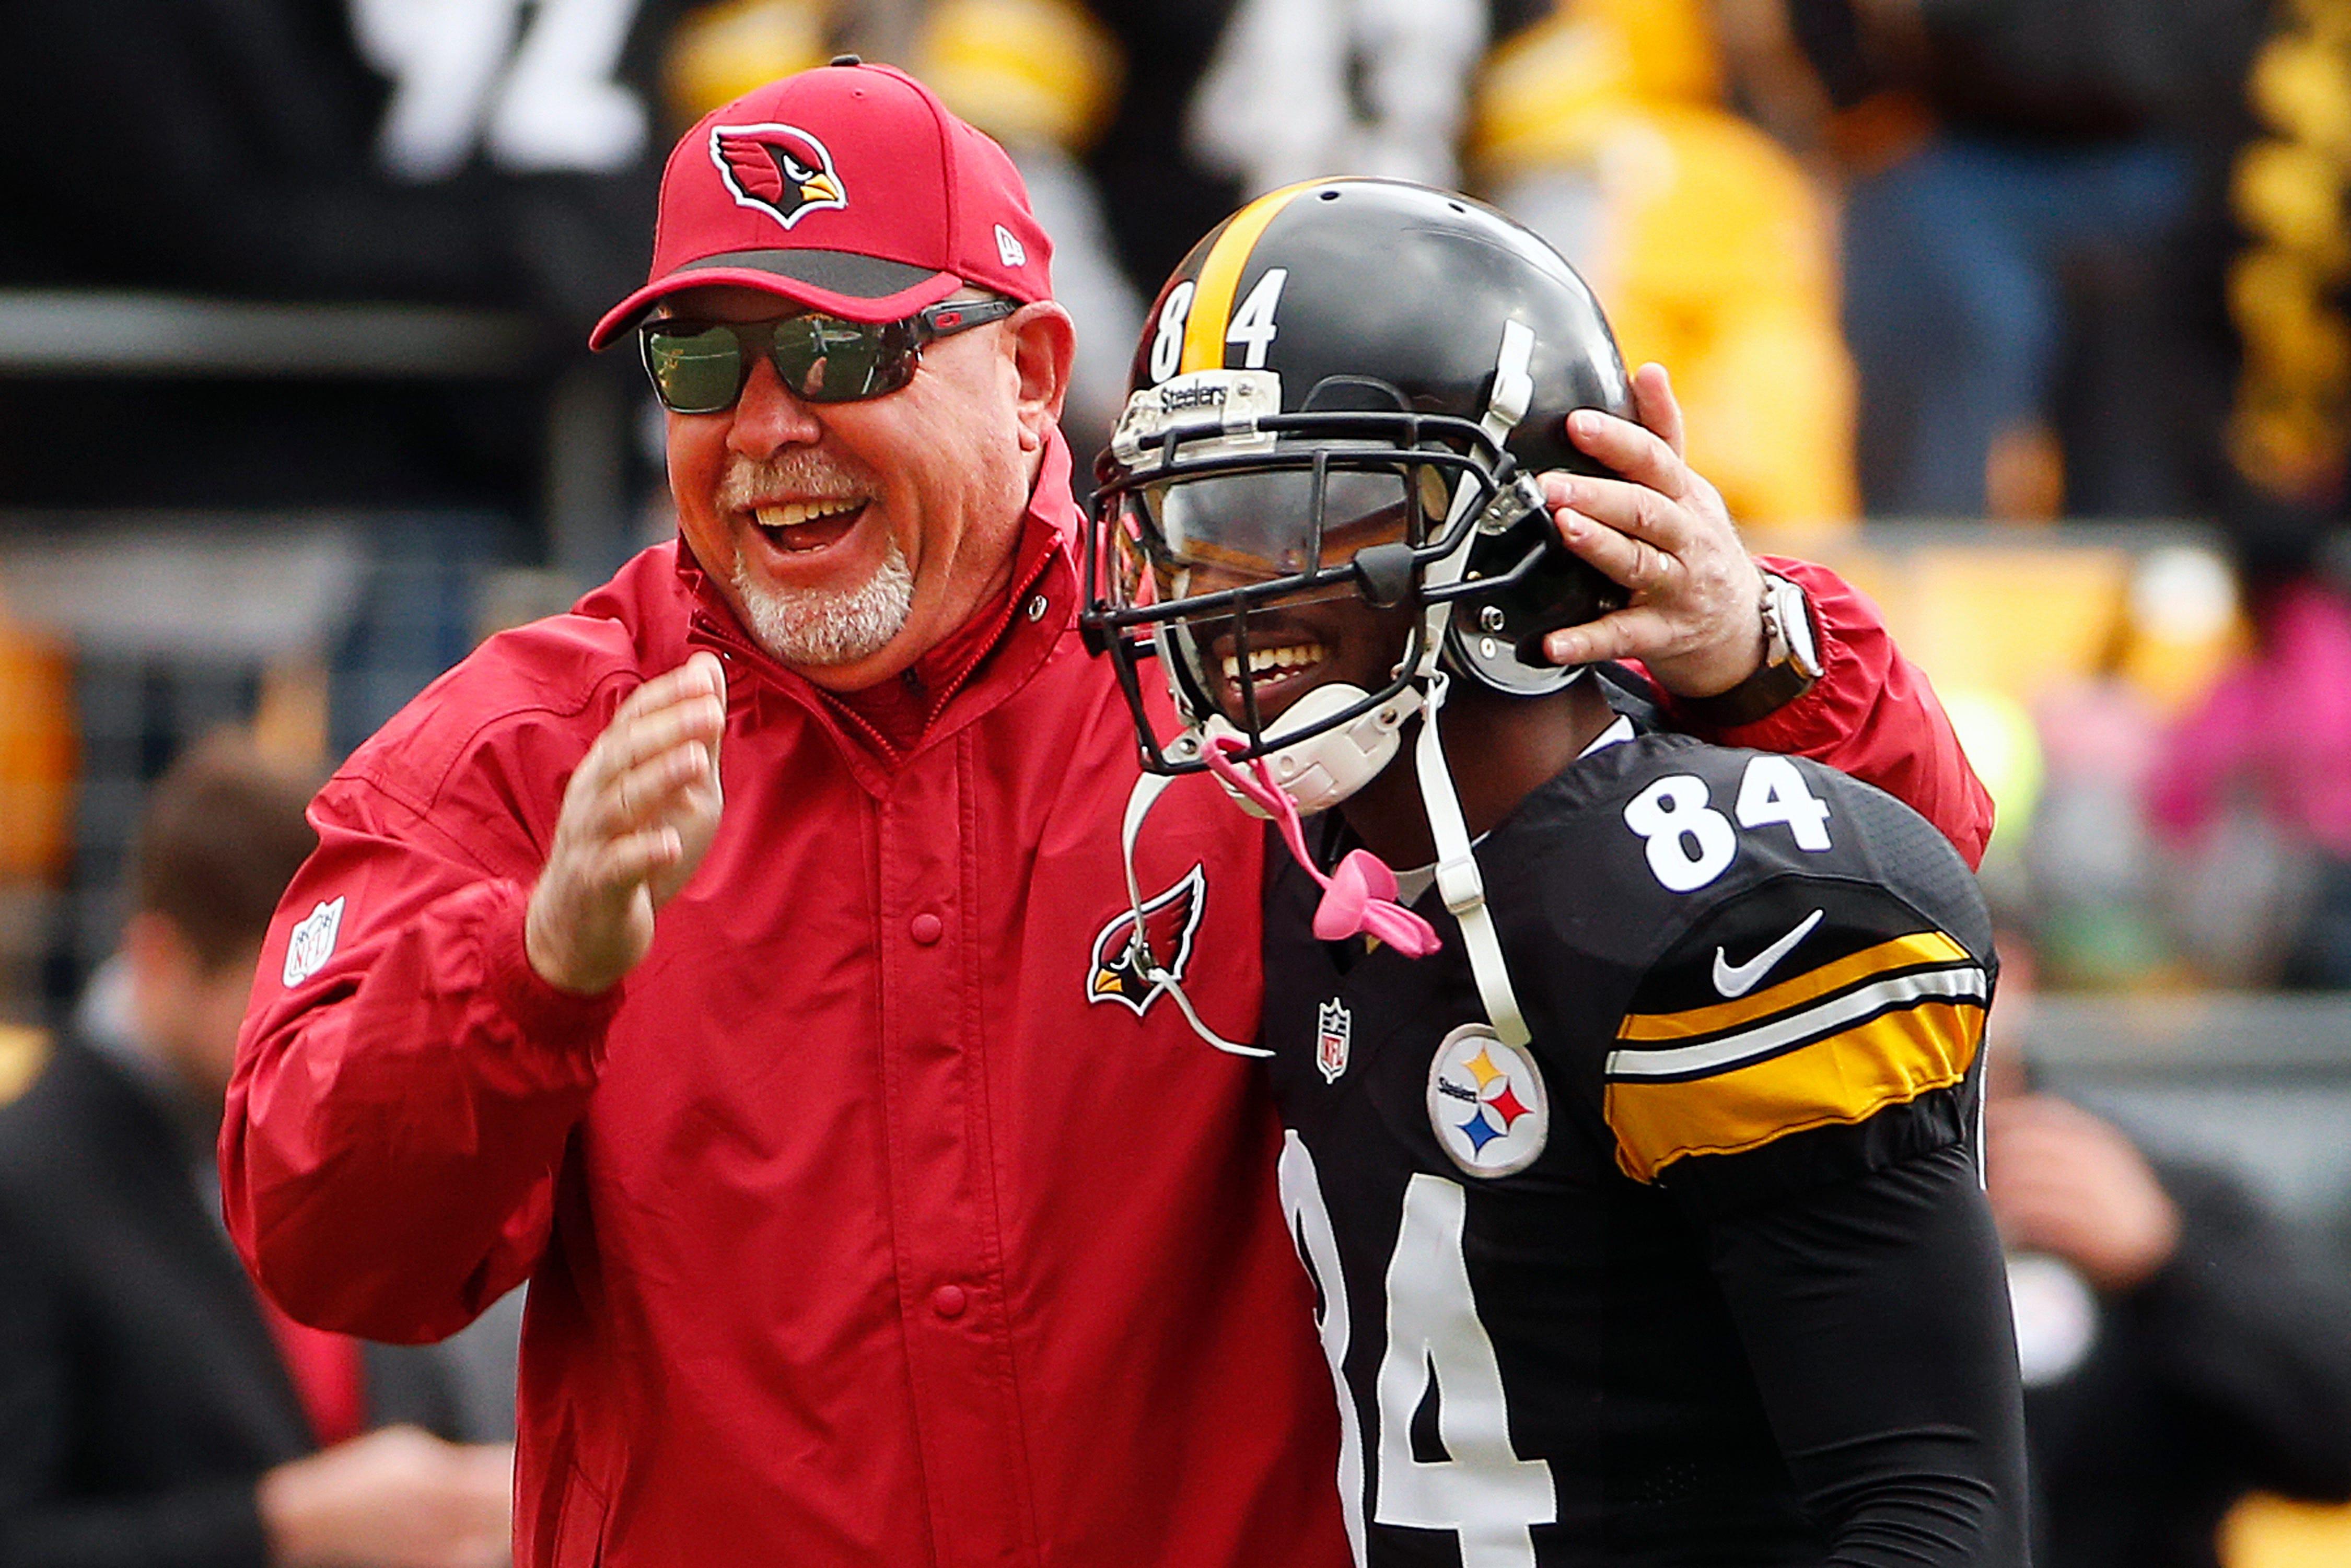 Antonio Brown Bruce Arians Feud Buccaneers Coach Vs Steelers Star